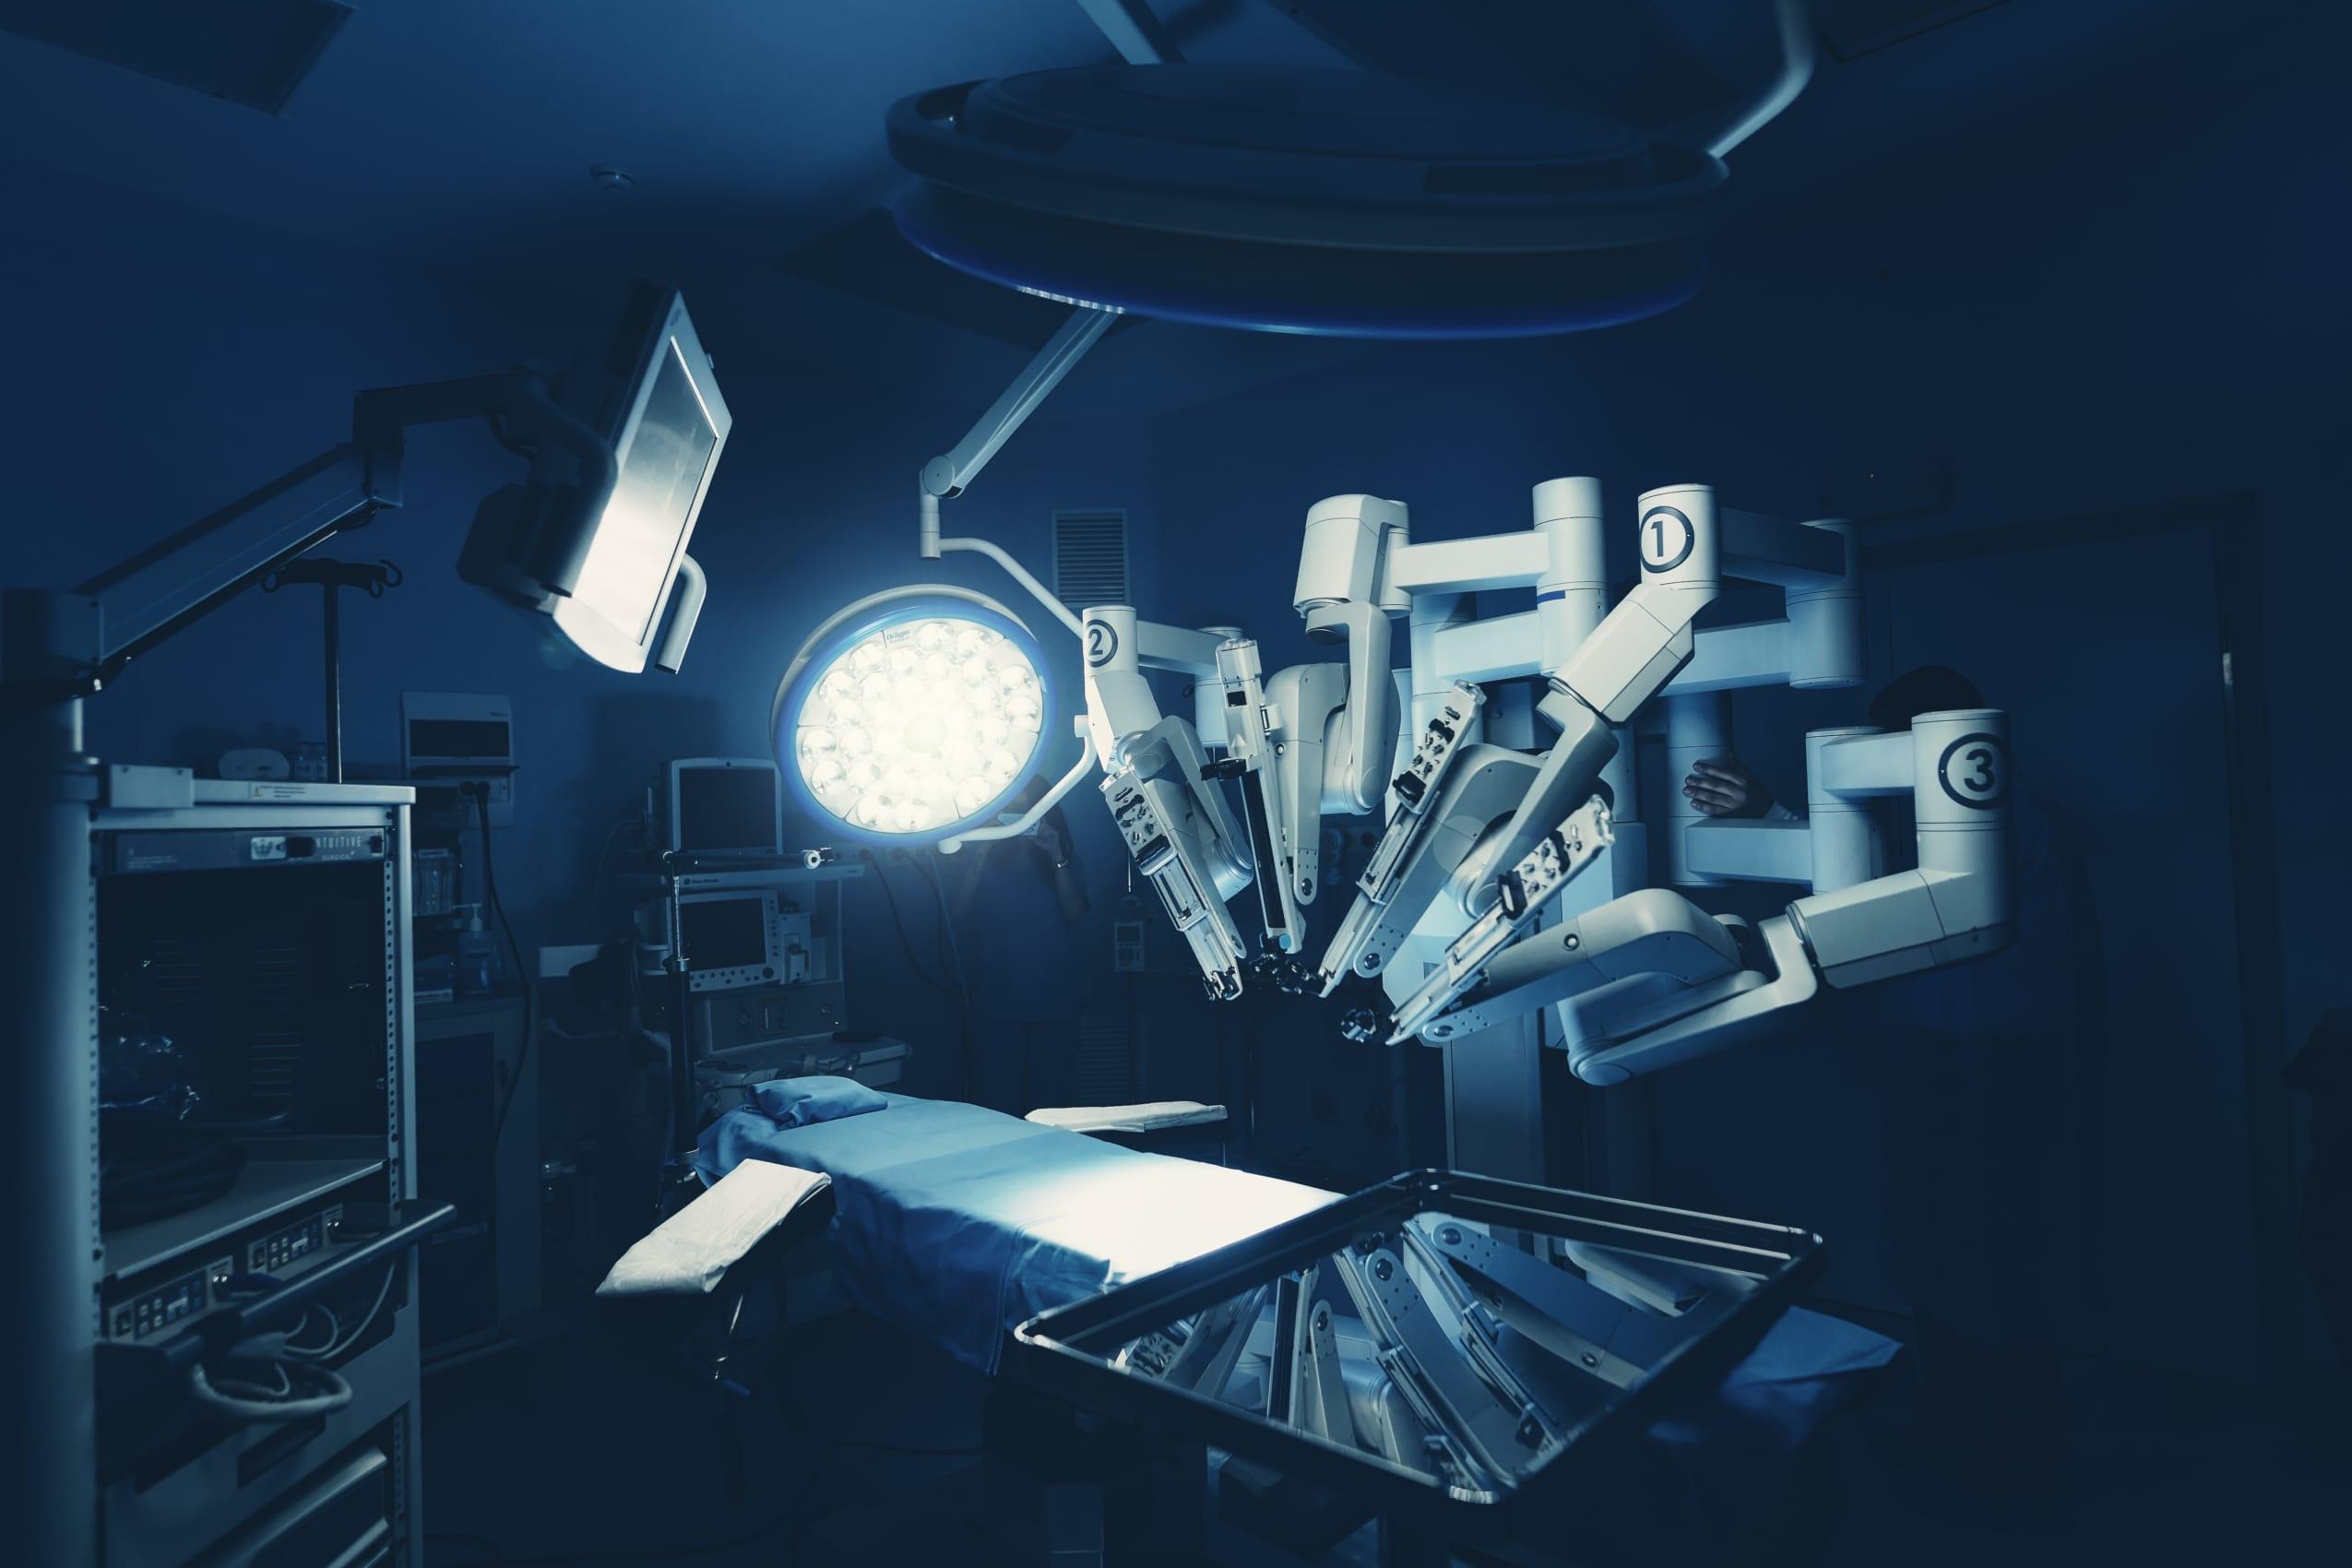 technologie de la santé médecine interne bloc opératoire chirurgien soins intensifs